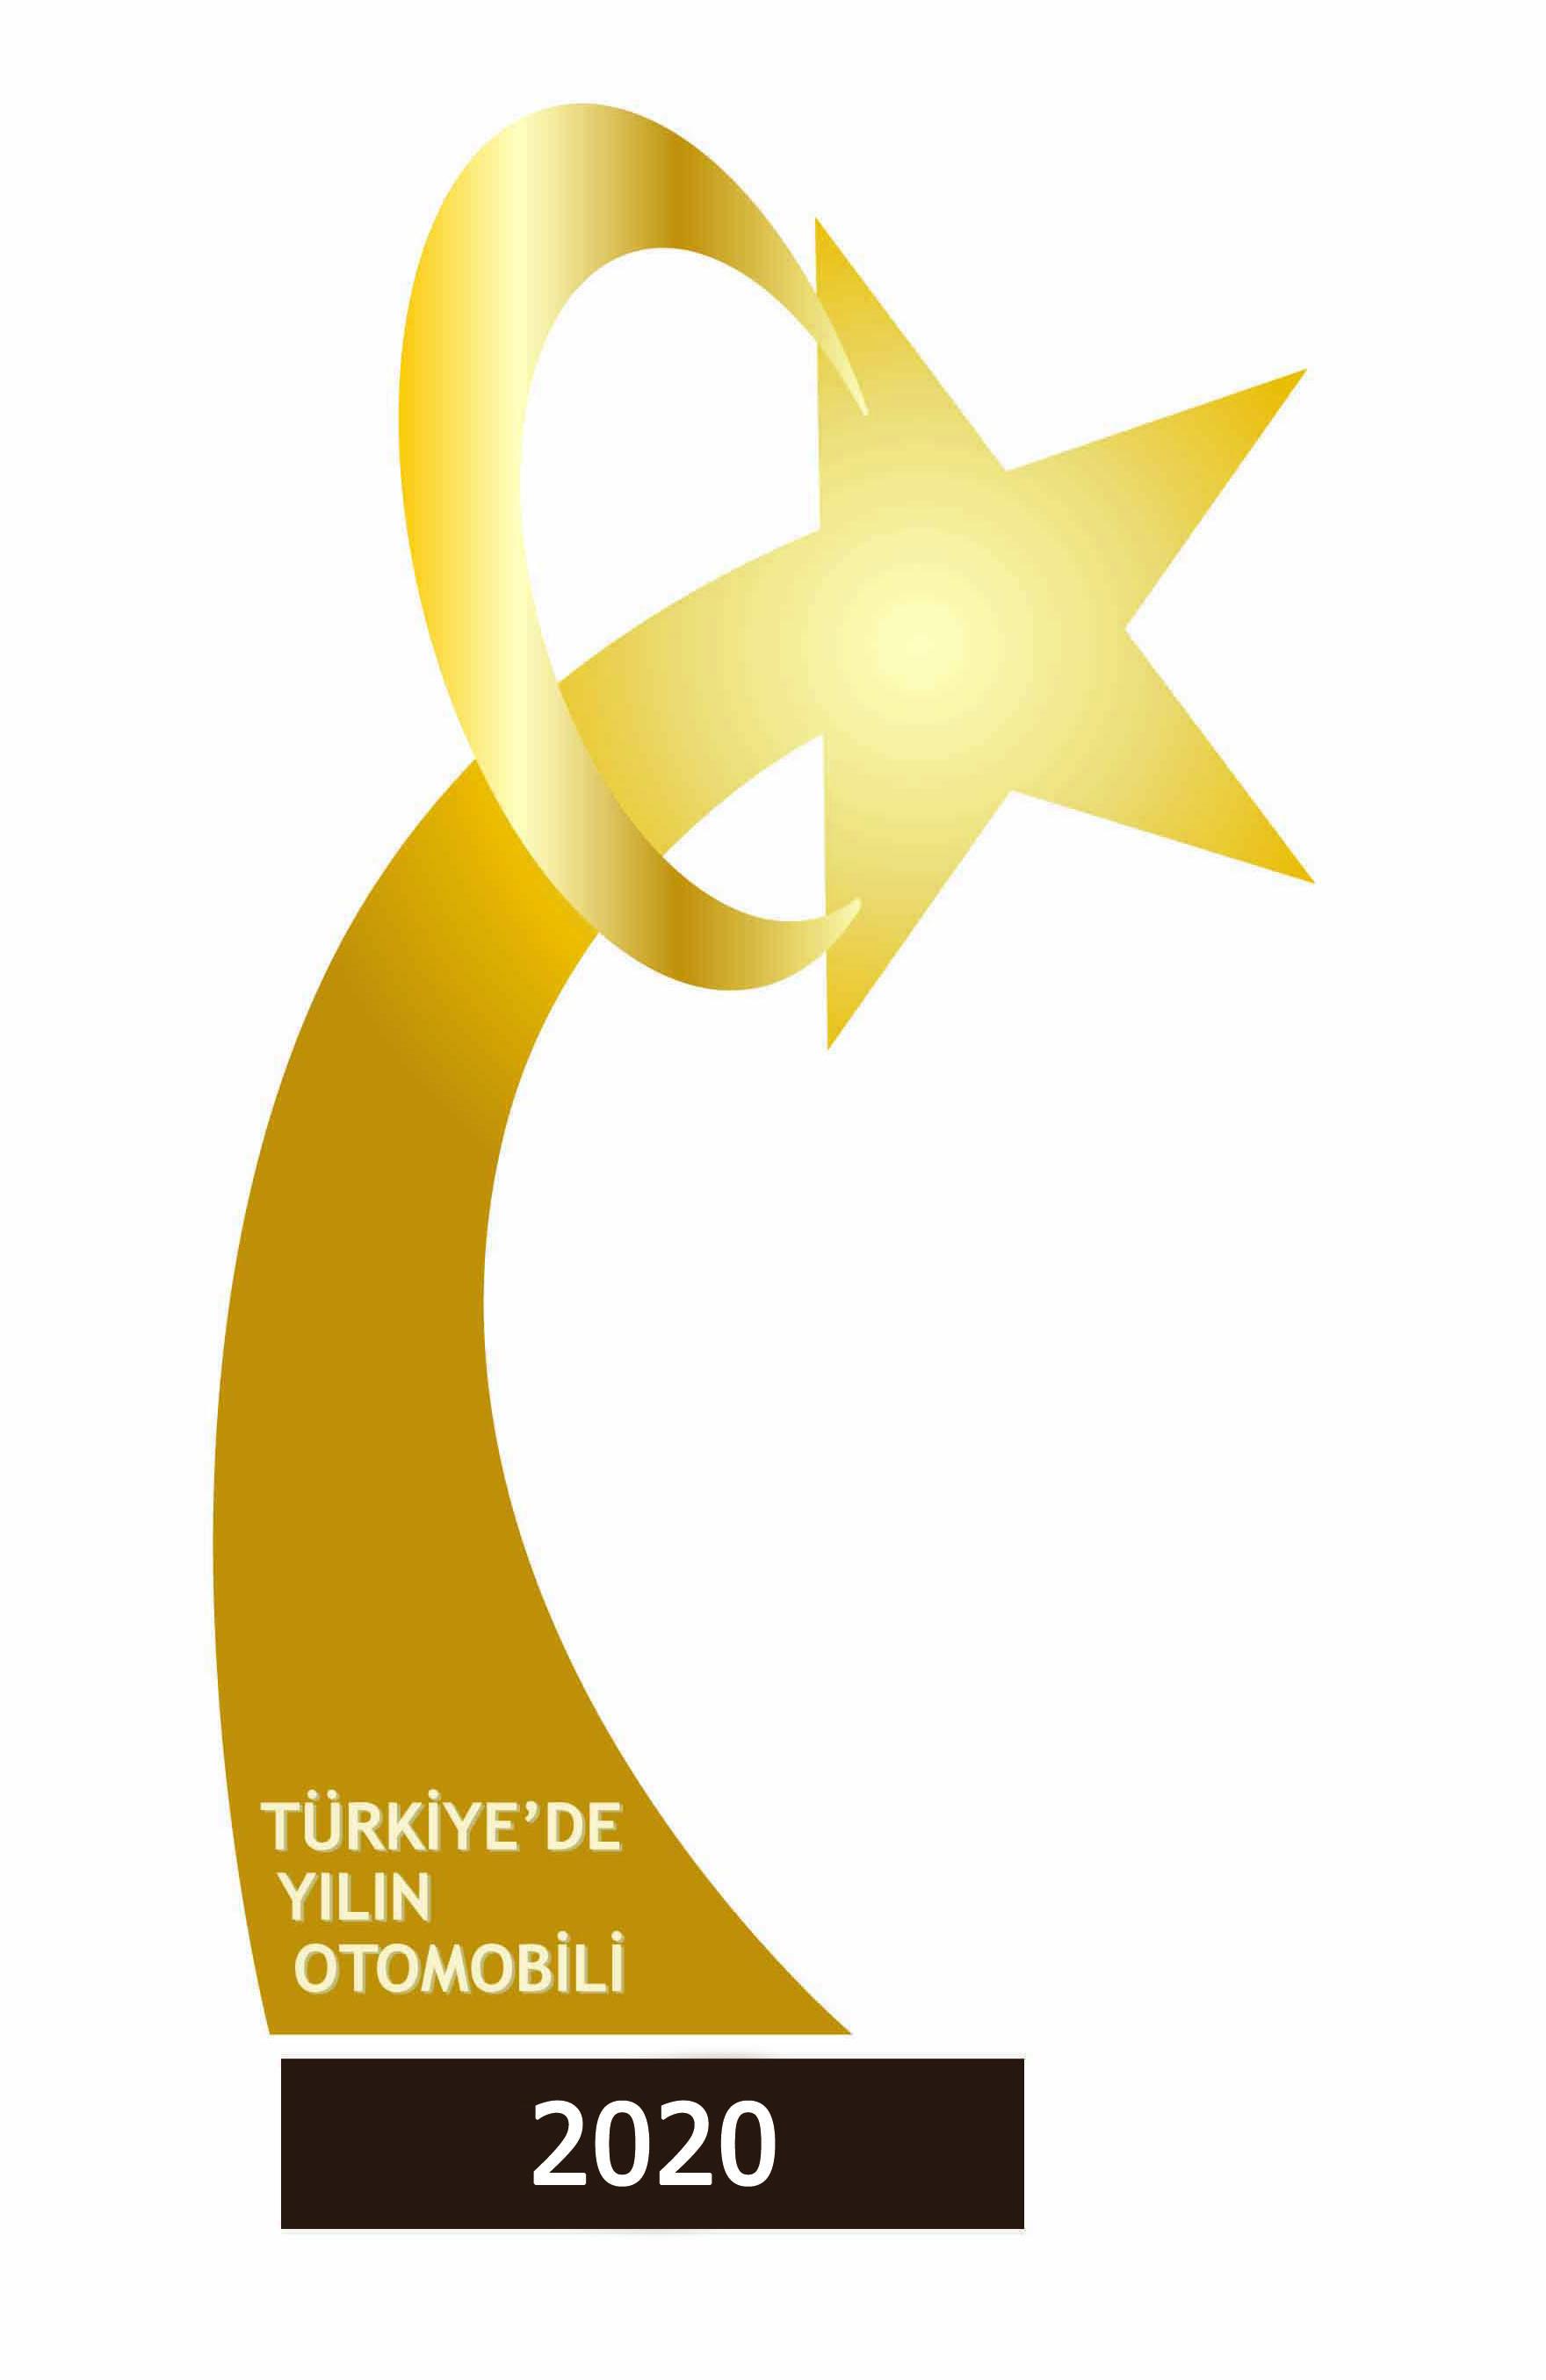 Türkiye'de Yılın Otomobili'nde 7 finalist belli oldu